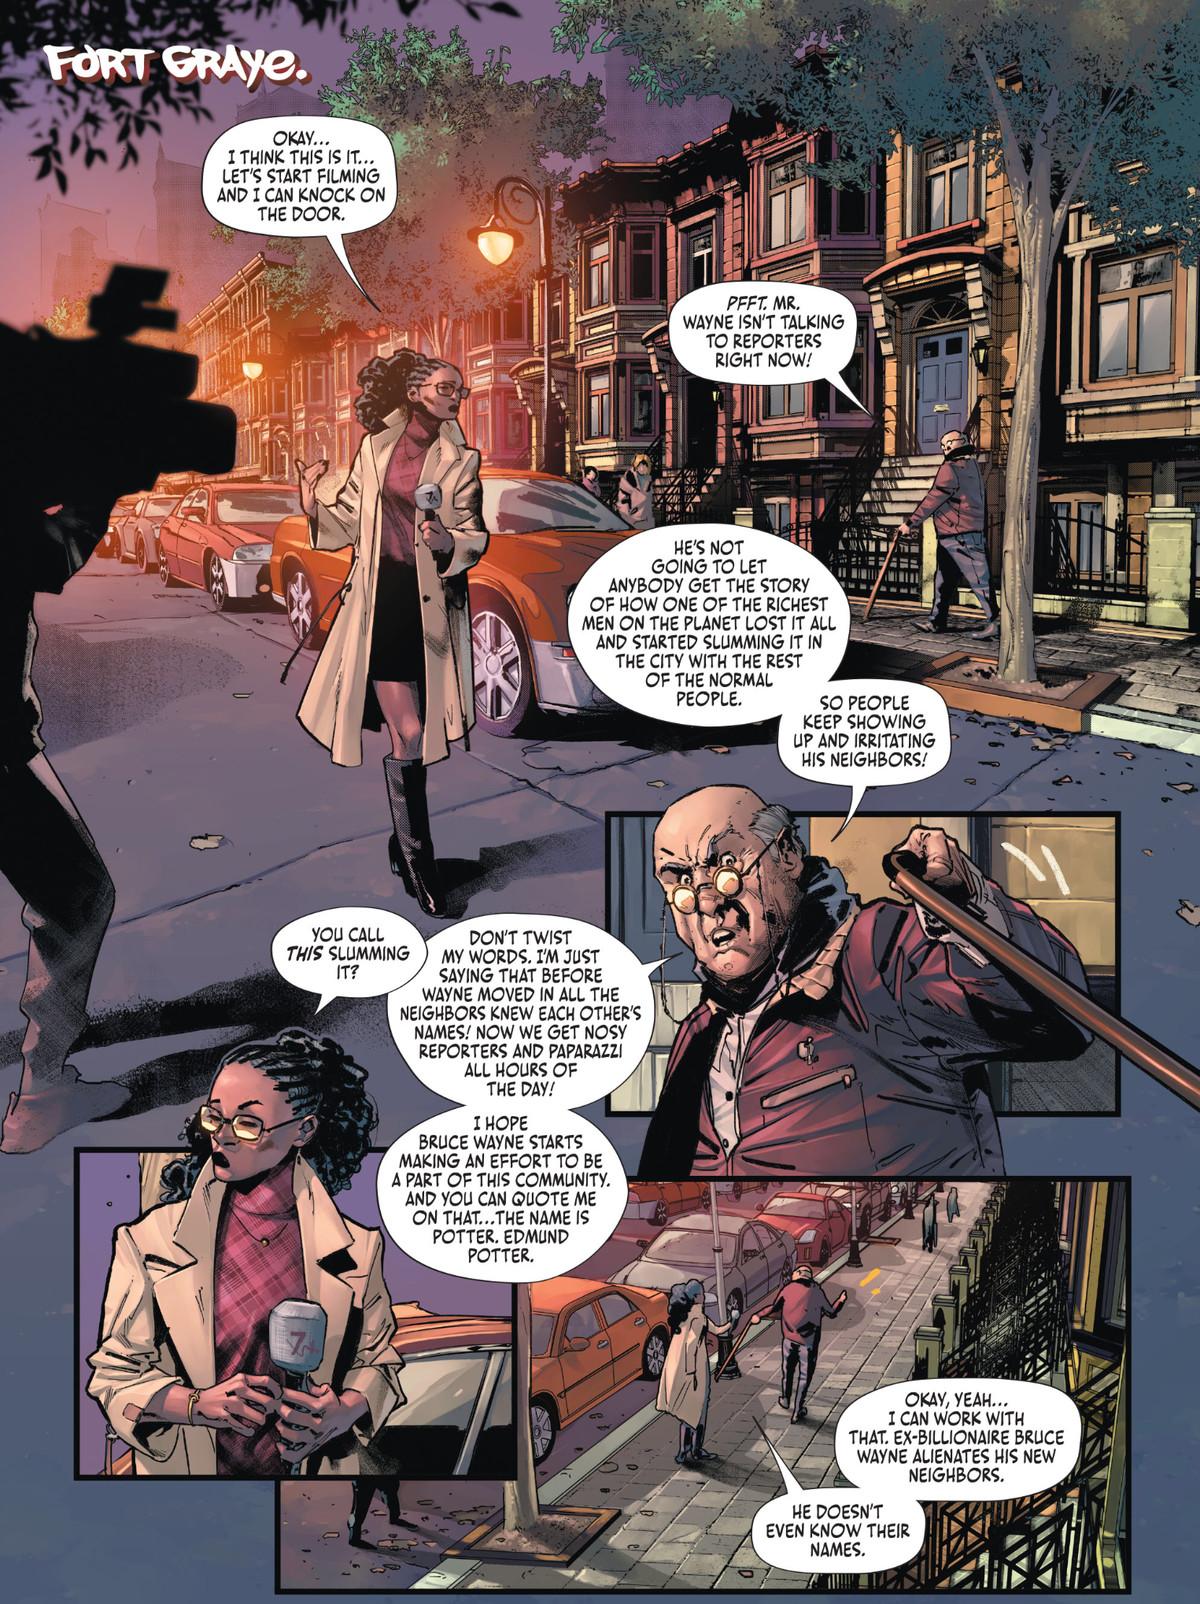 """Un reportero se encuentra con un anciano que lamenta la disrupción que la celebridad de Wayne ha traído a su (caro) vecindario. """"No permitirá que nadie se entere de cómo uno de los hombres más ricos del planeta lo perdió todo y empezó a vivir en los barrios bajos de la ciudad con el resto de la gente normal"""". """"¿A esto lo llamas tugurios?"""" la reportera responde, pero dice que probablemente pueda obtener una historia de cuánto lo odian sus vecinos, en Batman # 106, DC Comics (2021)."""